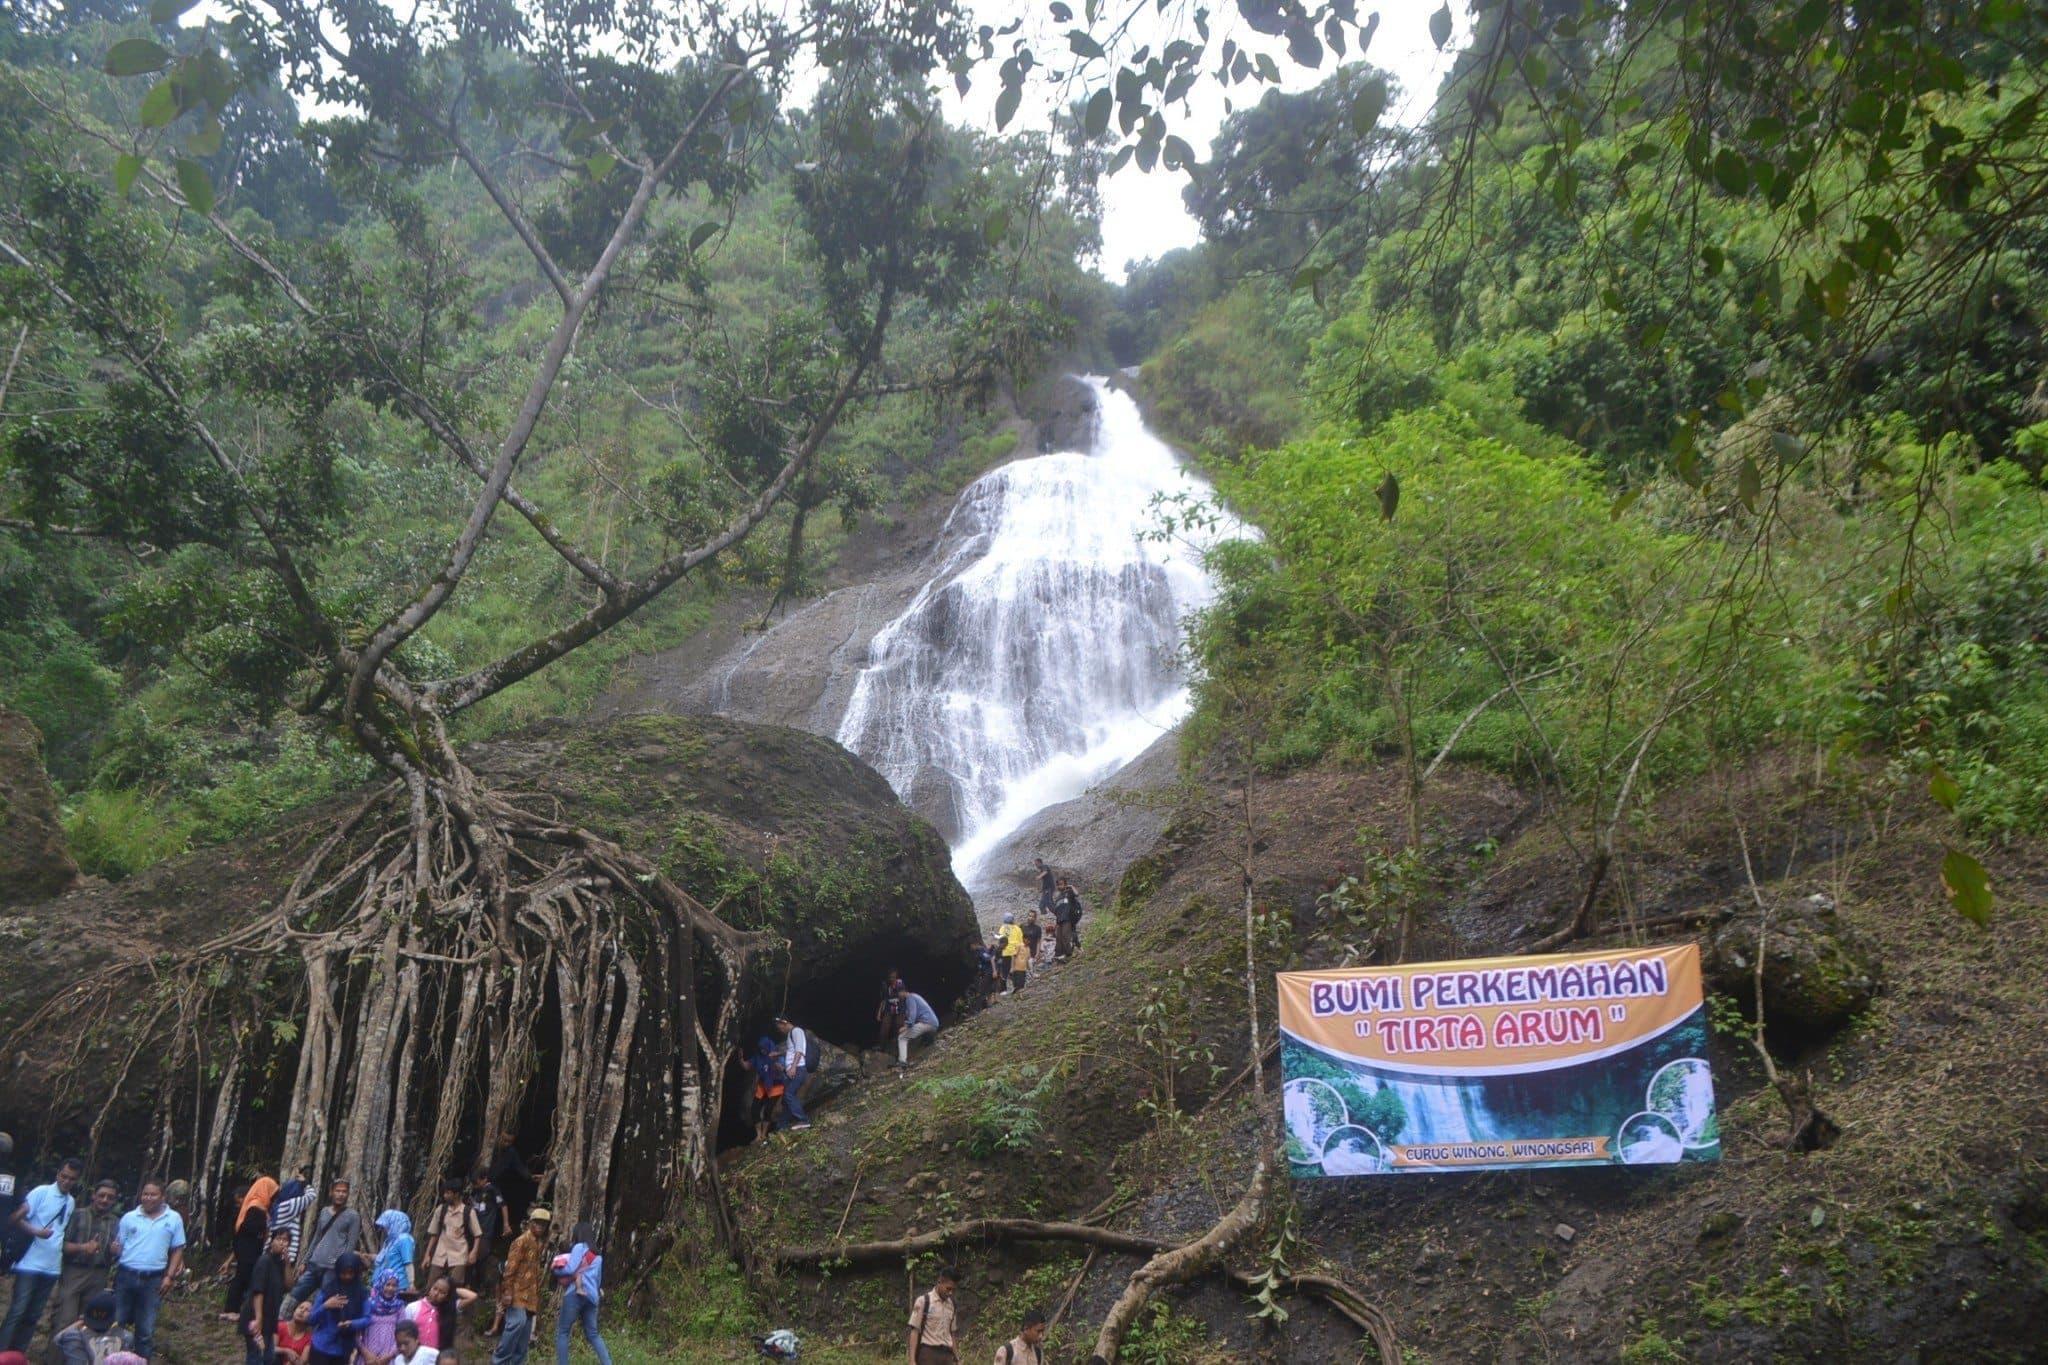 Dukung Pembenahan Objek Wisata Desa, Kodim 0707 Siap Bantu Jual Wonosobo